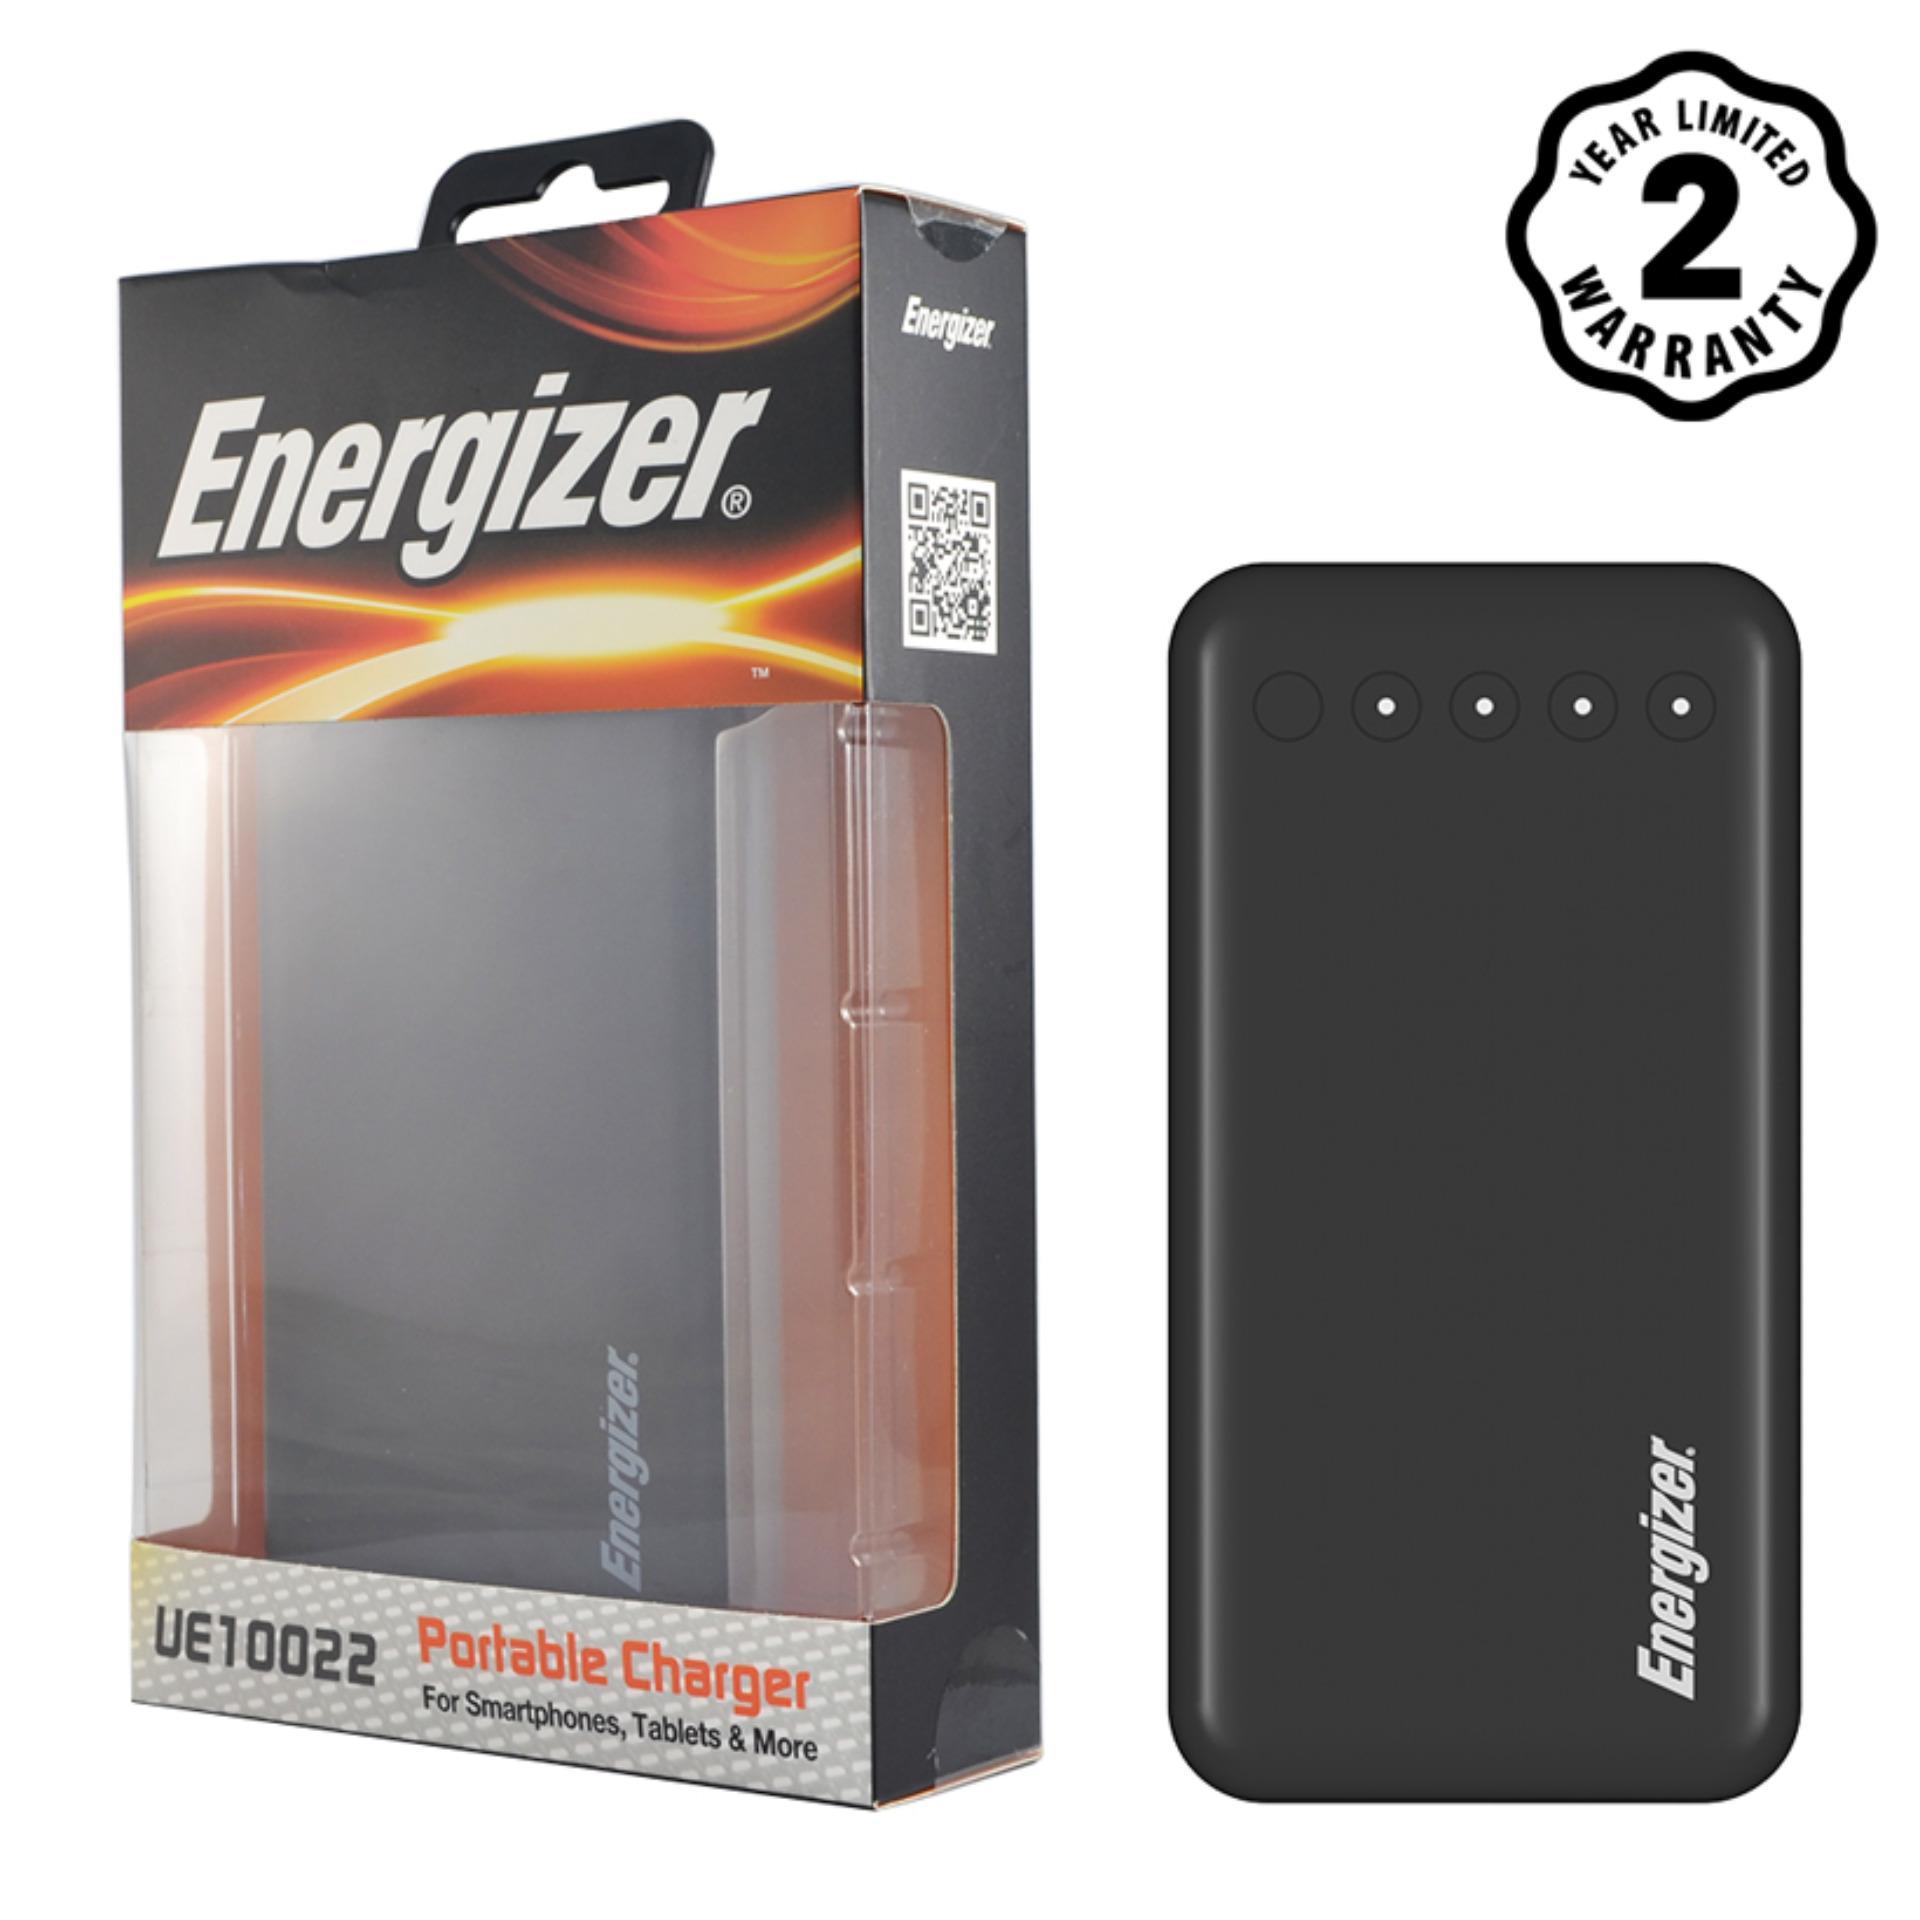 Hình ảnh Pin sạc dự phòng Energizer 10,000mAh Lõi Lithium Polymer - UE10022